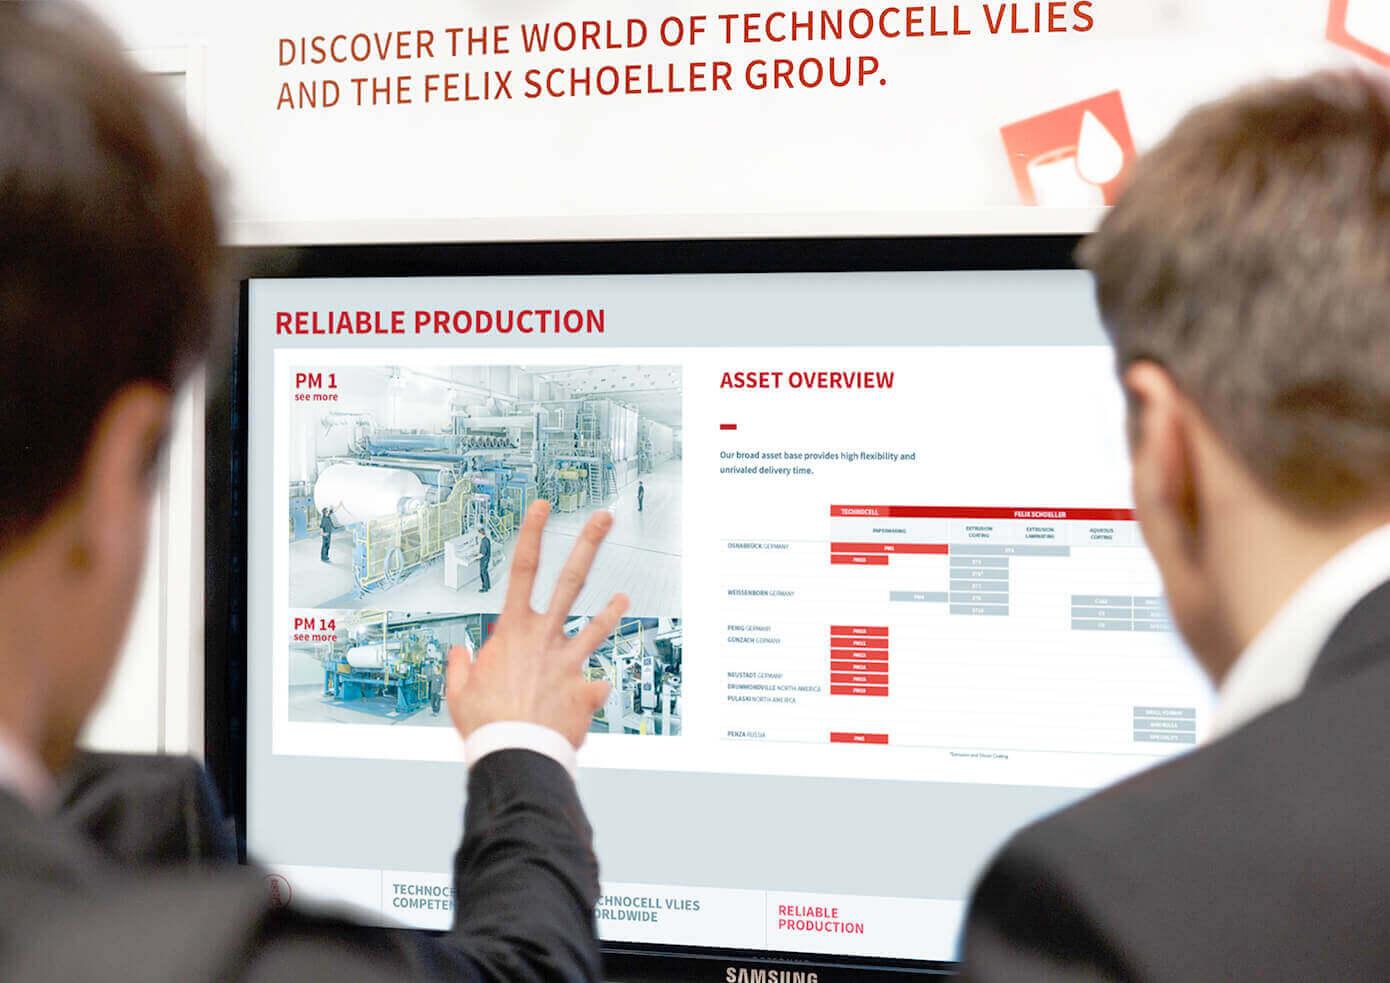 cyclos technocell vlies messe bildschirm screen B2B Marketing Werbeagentur